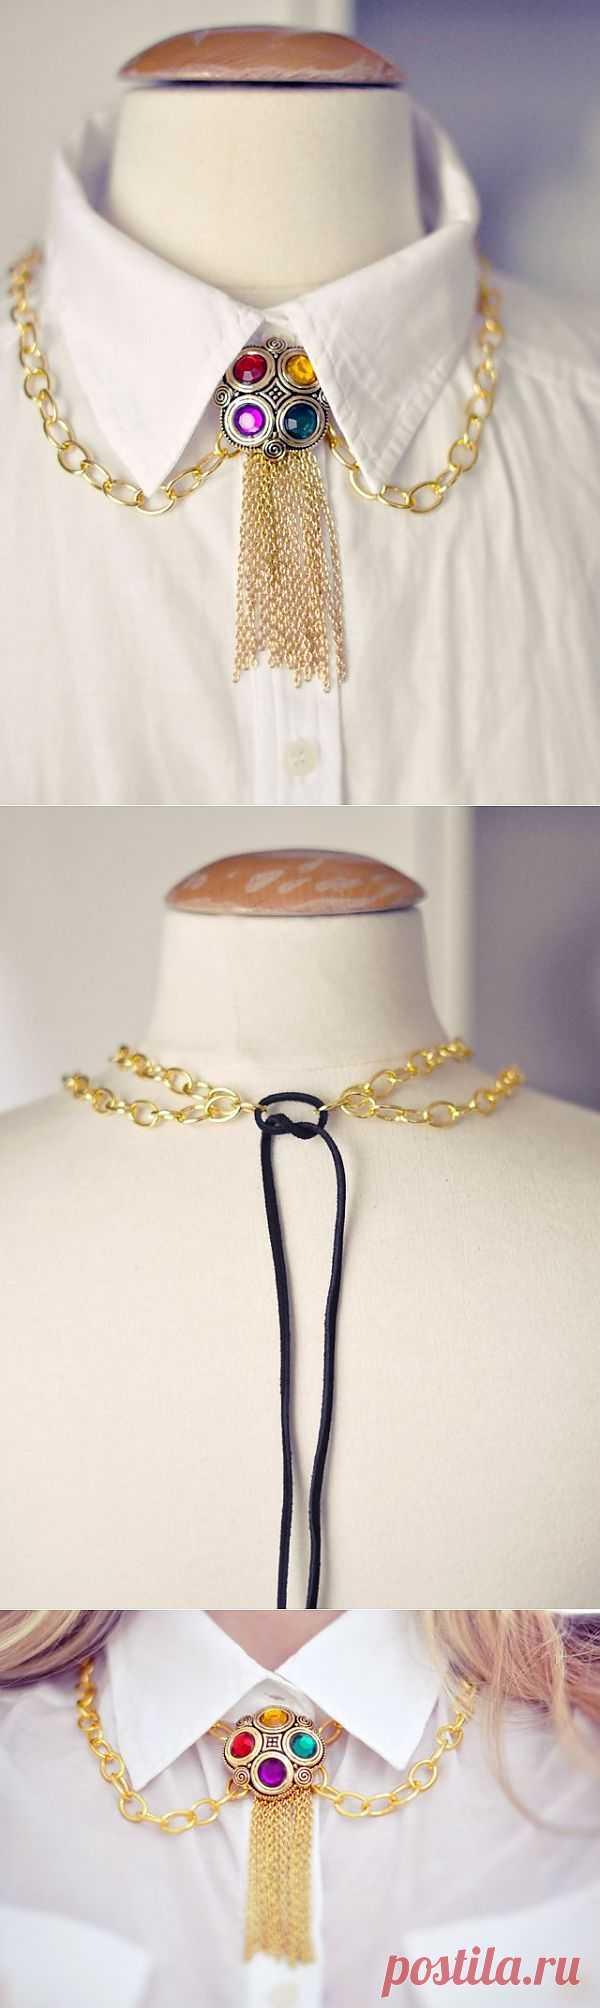 Золотой воротничок / Воротнички / Модный сайт о стильной переделке одежды и интерьера